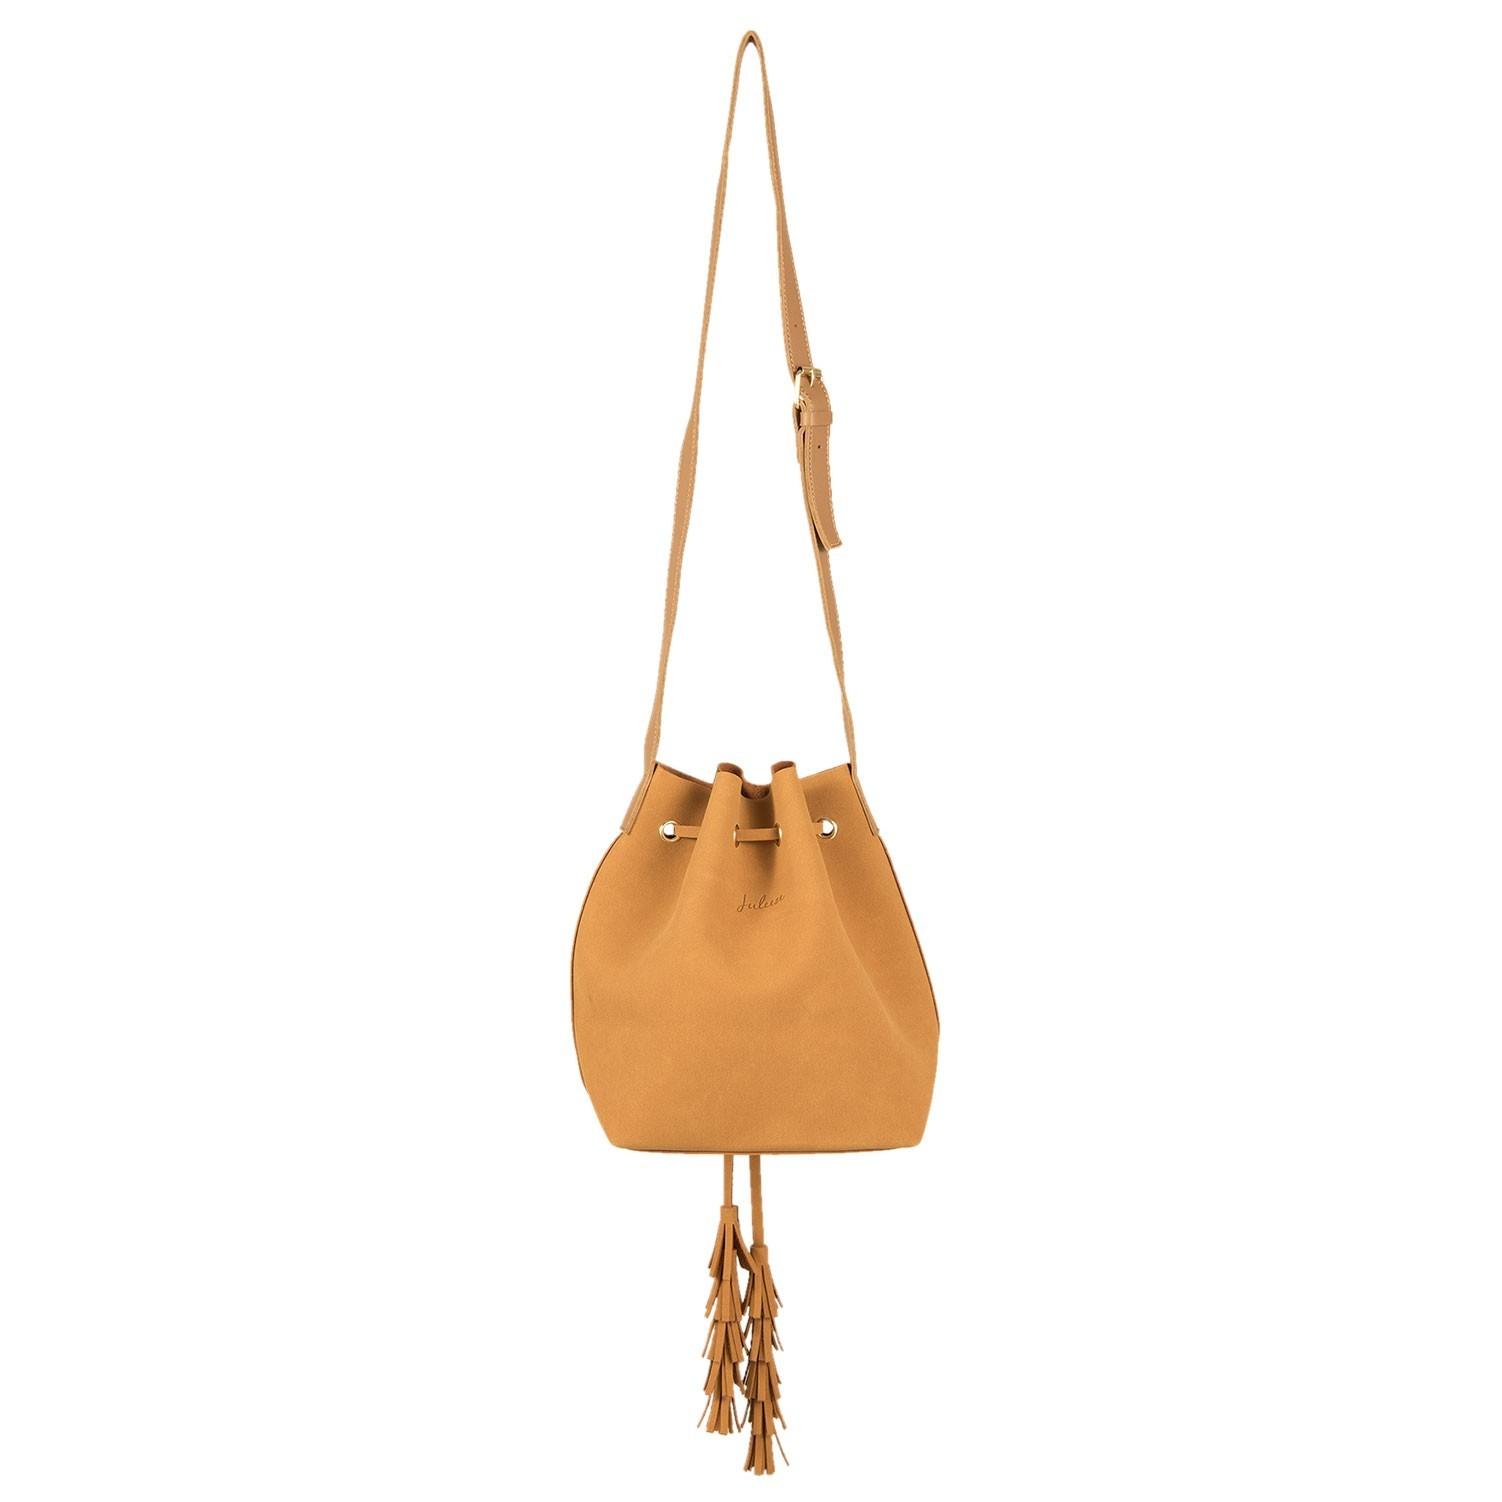 Hnědá kabelka Vak přes rameno Pouch - 22*24 cm